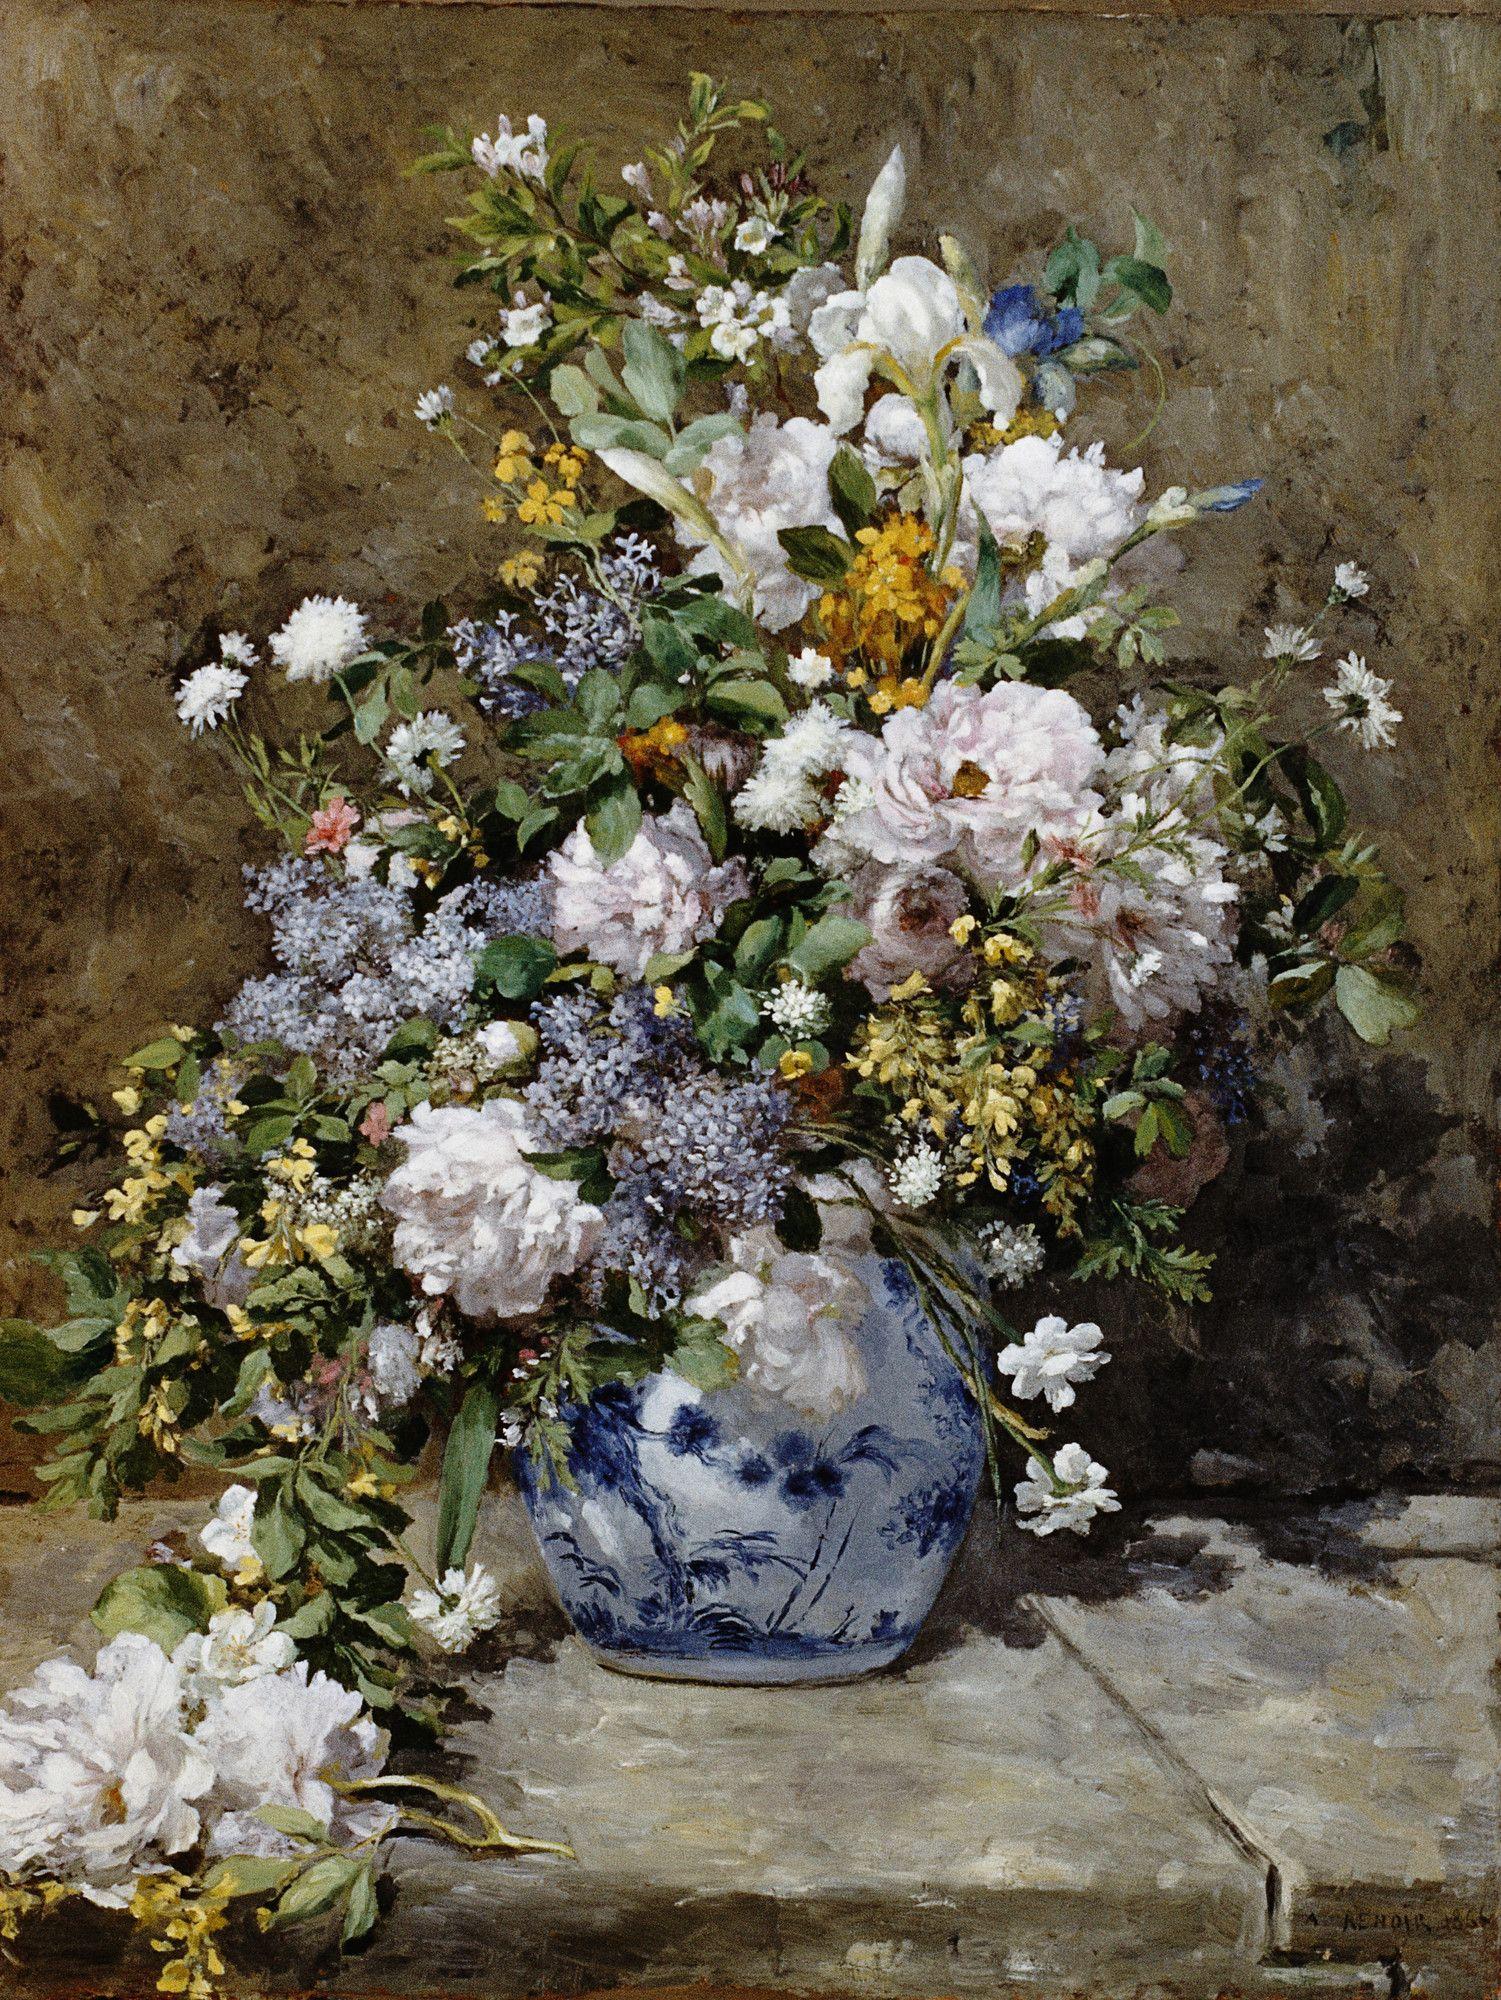 Натюрморт с большой цветочной вазой ::   Ренуар Пьер Огюст ( Франция ) - Ренуар Огюст ( new ) фото